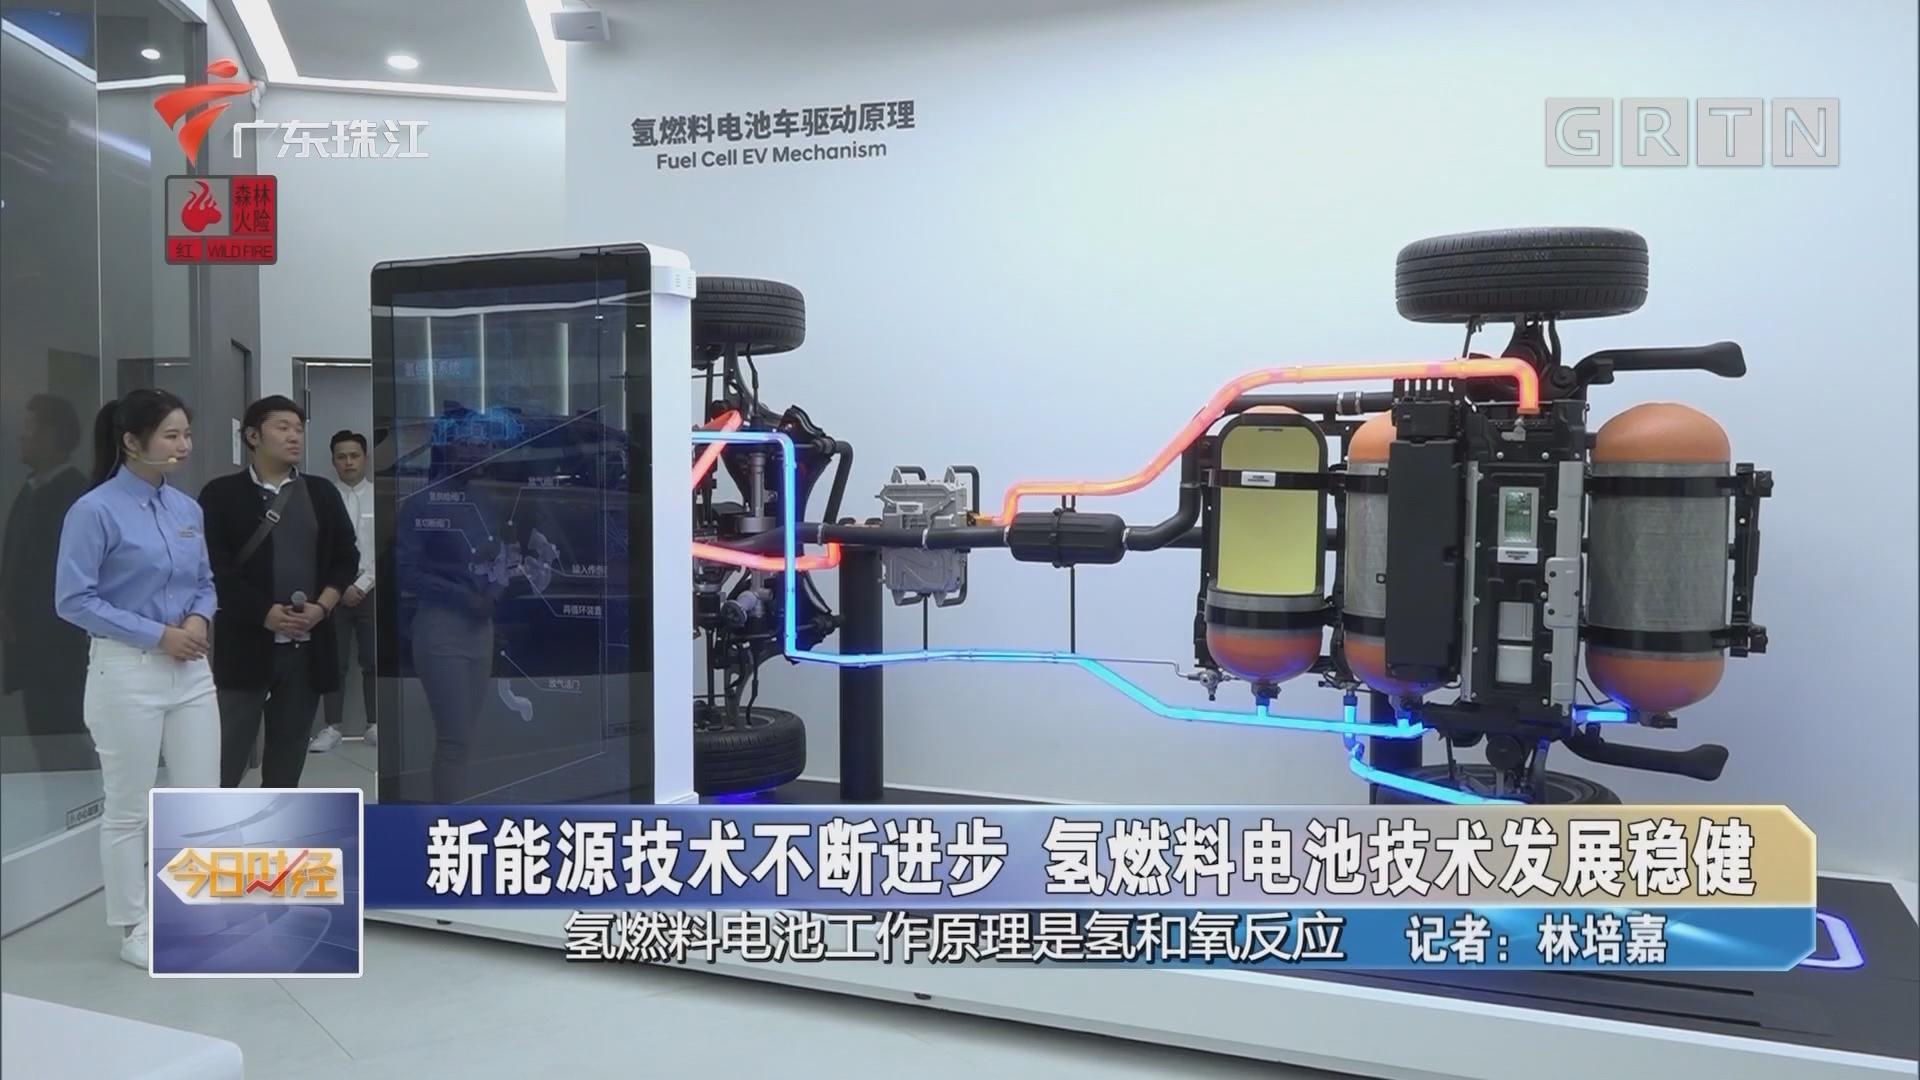 新能源技术不断进步 氢燃料电池技术发展稳健